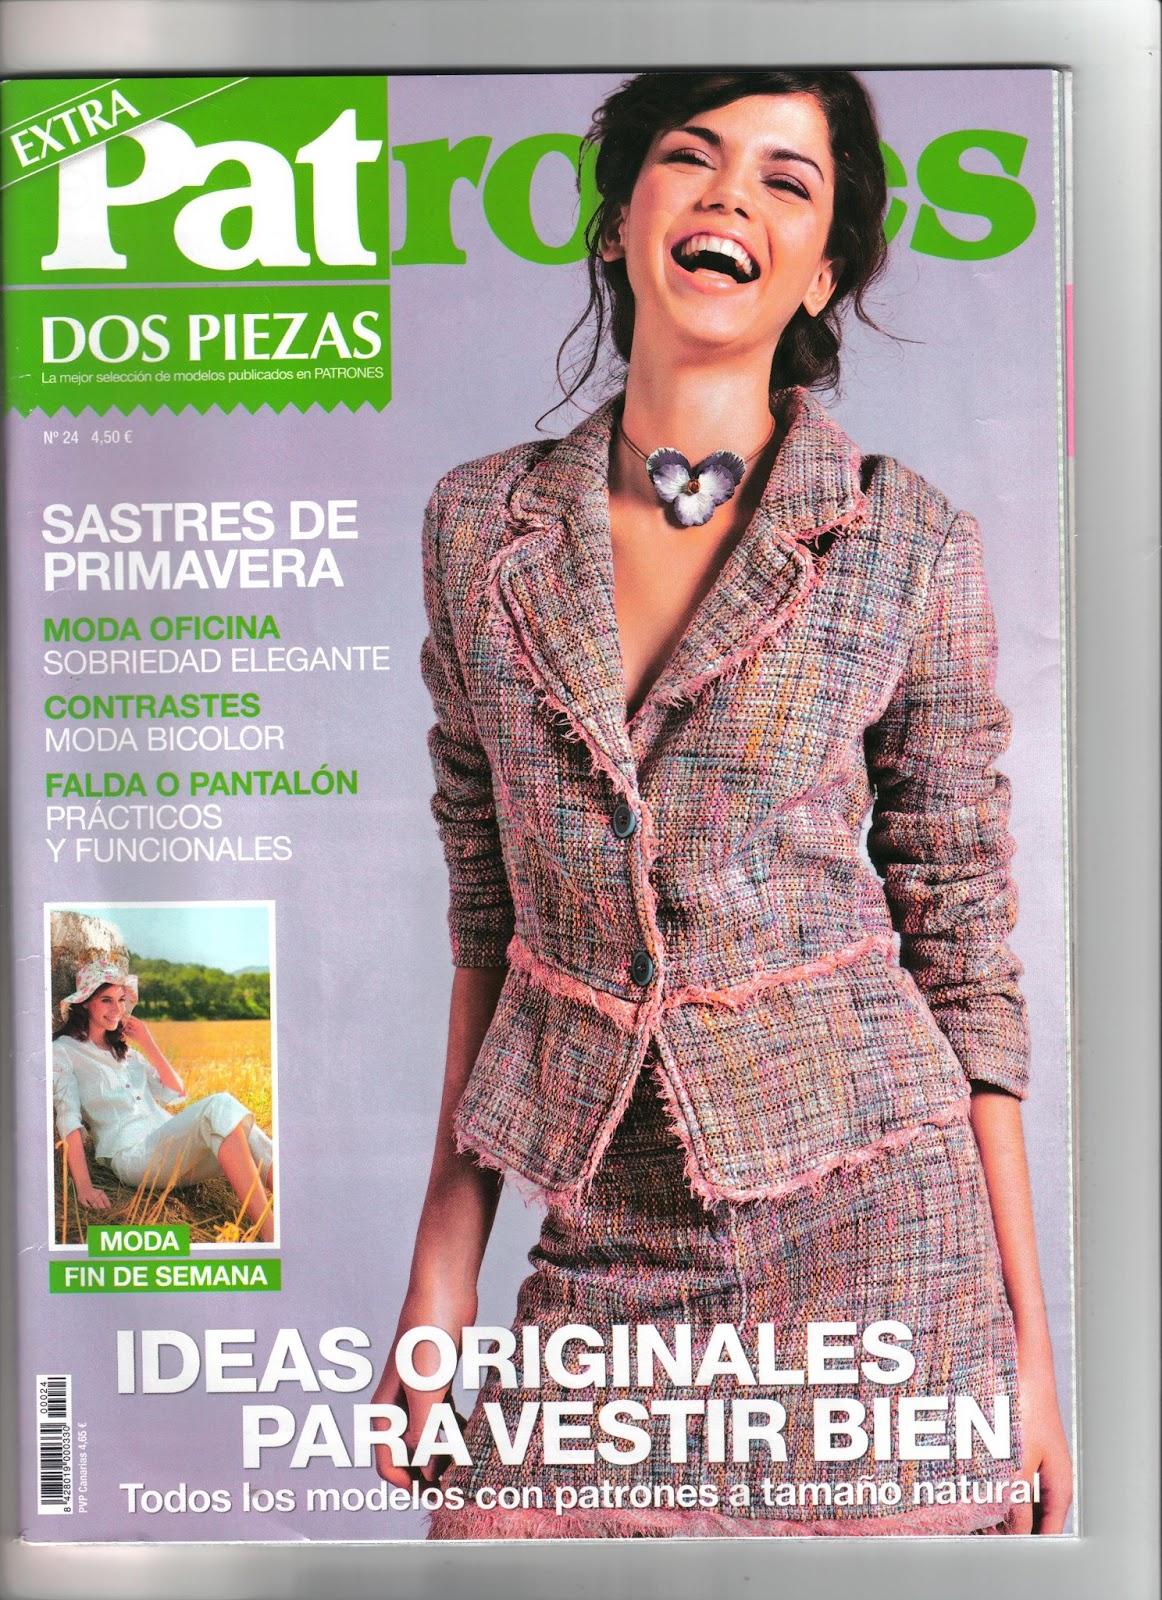 Chaqueta de la revista patrones yo elijo coser Revista fashion style magazine